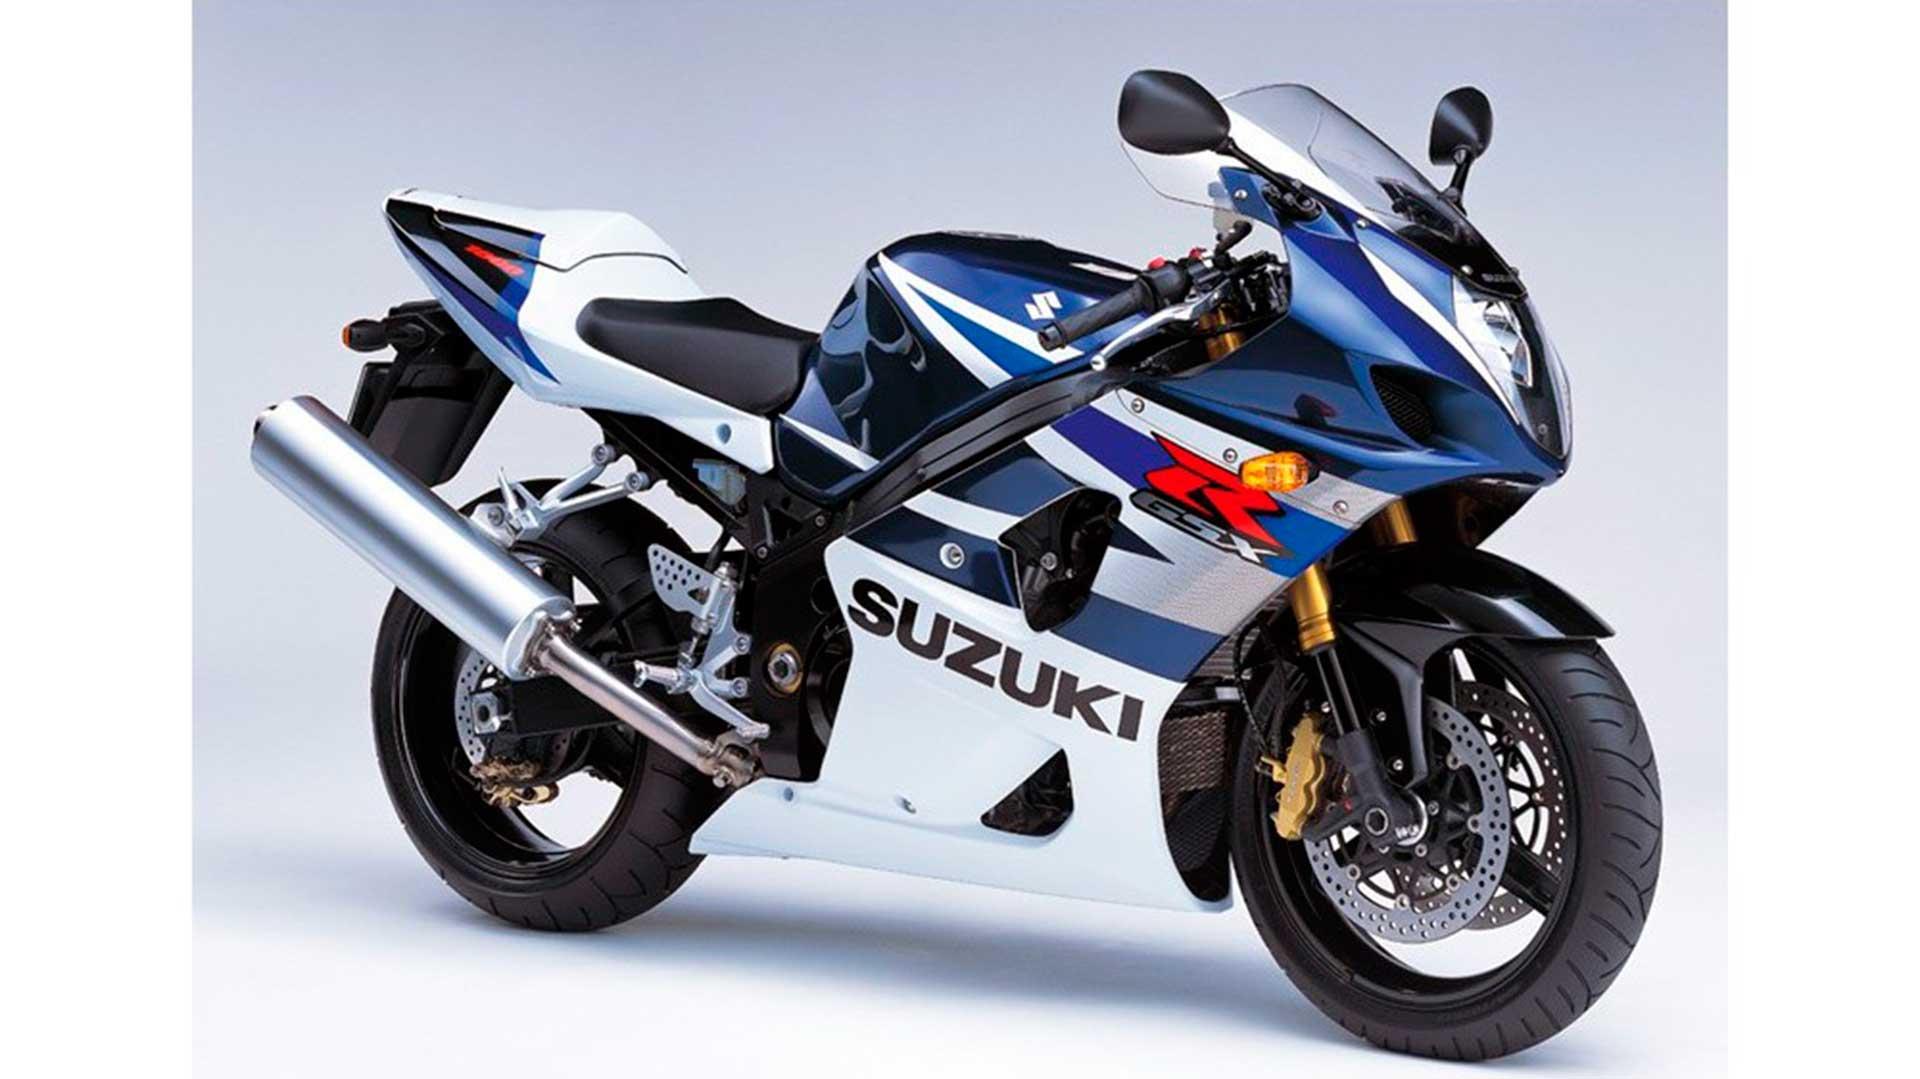 Suzuki GSX-R1000: uno de sus modelos más míticos cumple 20 años